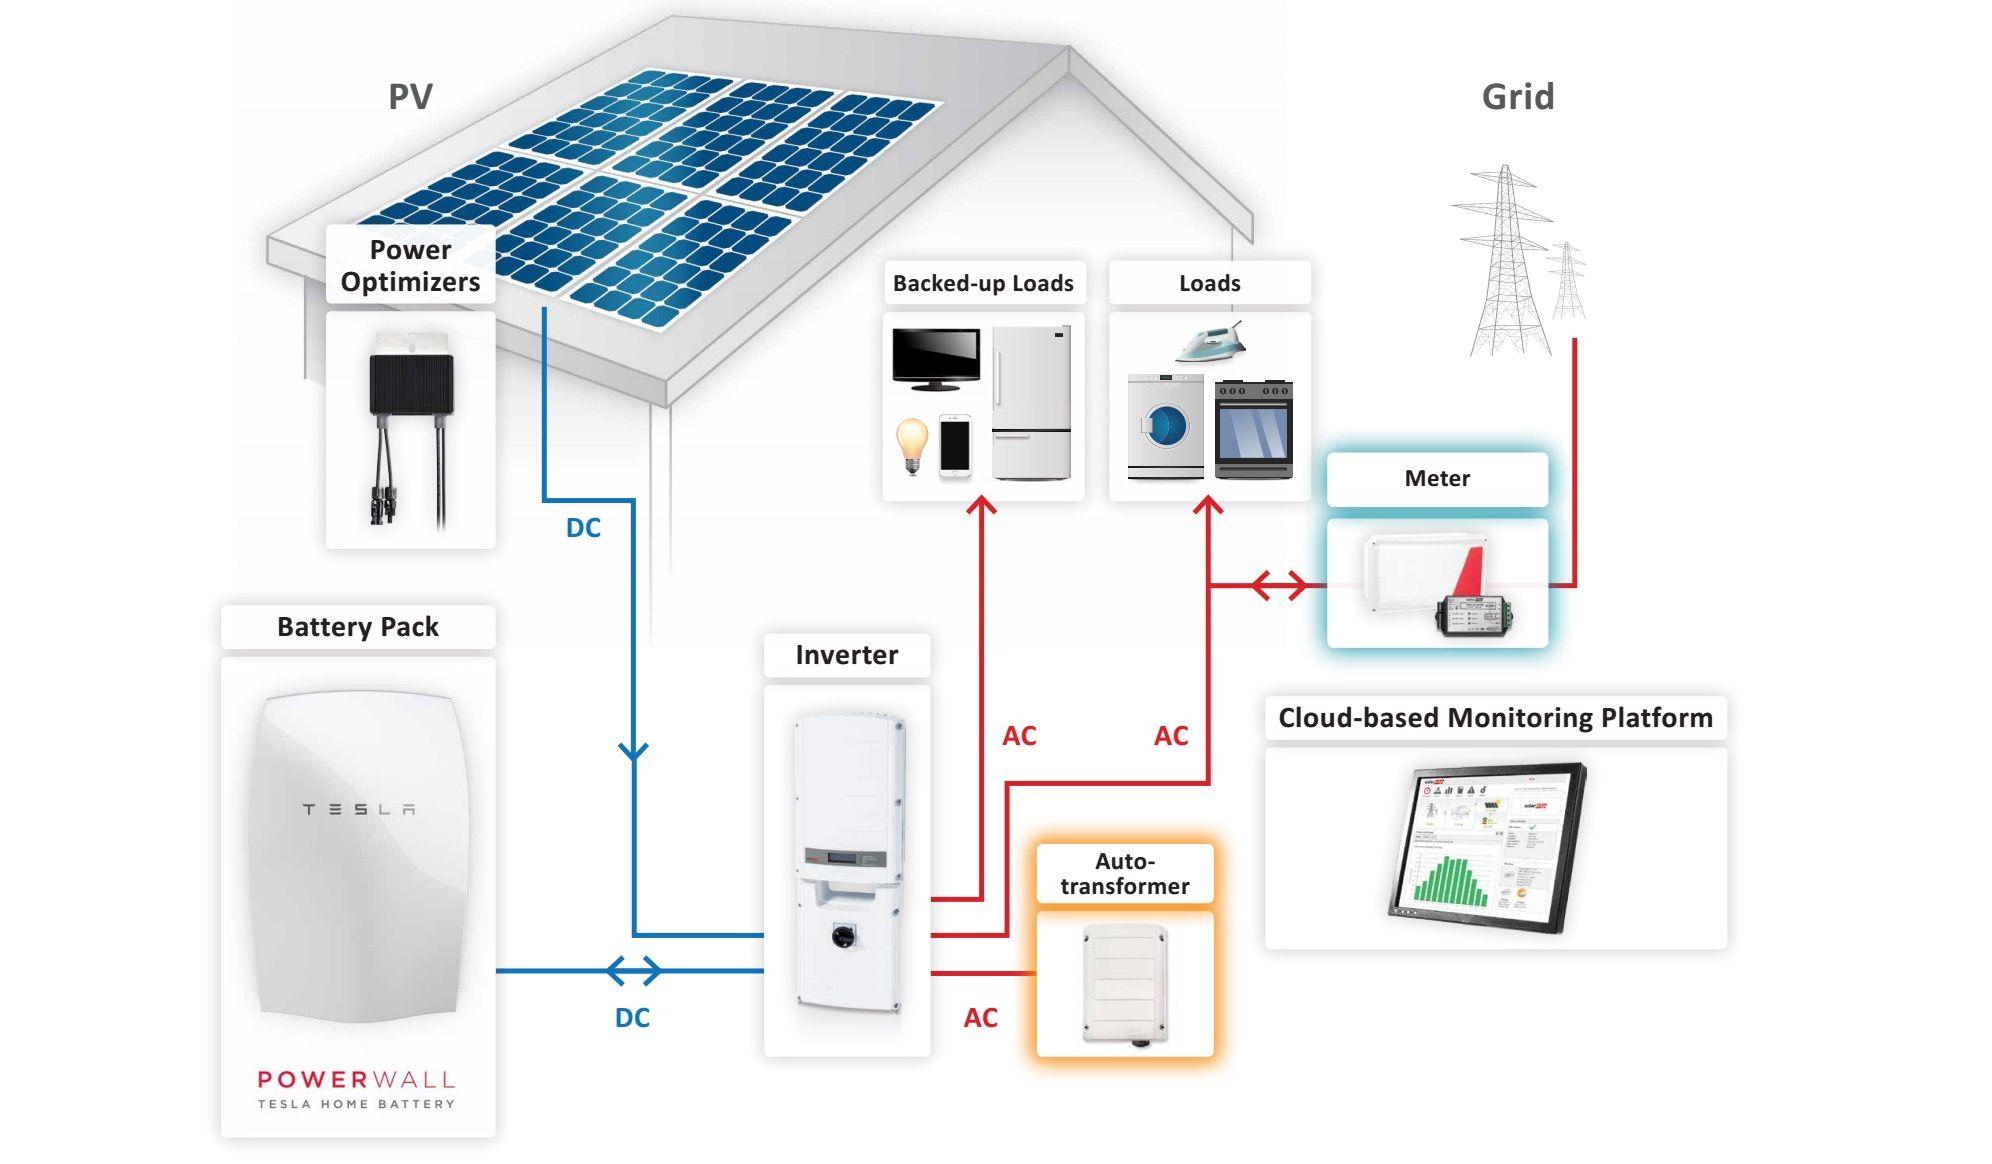 Tesla Begins Alerting 1st General Us Powerwall Customers Installations Starting In June Powerwall Tesla Powerwall Solar Energy For Home